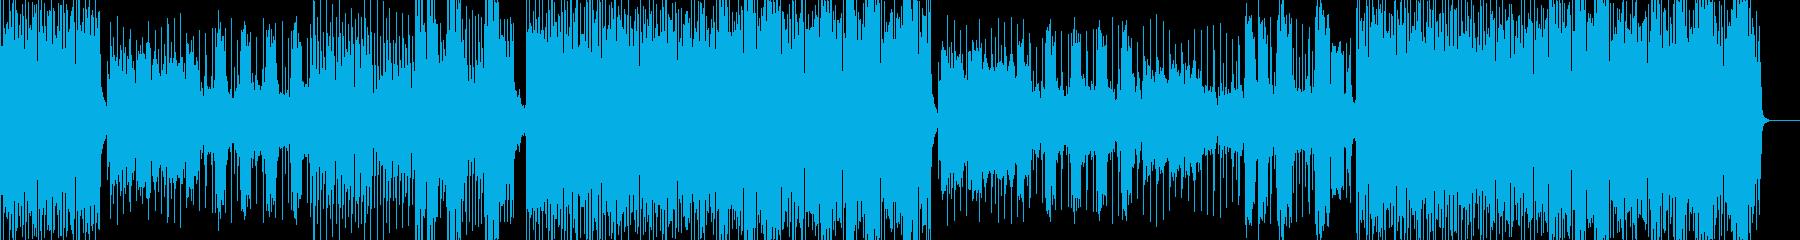 英語女性ボーカル爽やかなハウス風POPSの再生済みの波形